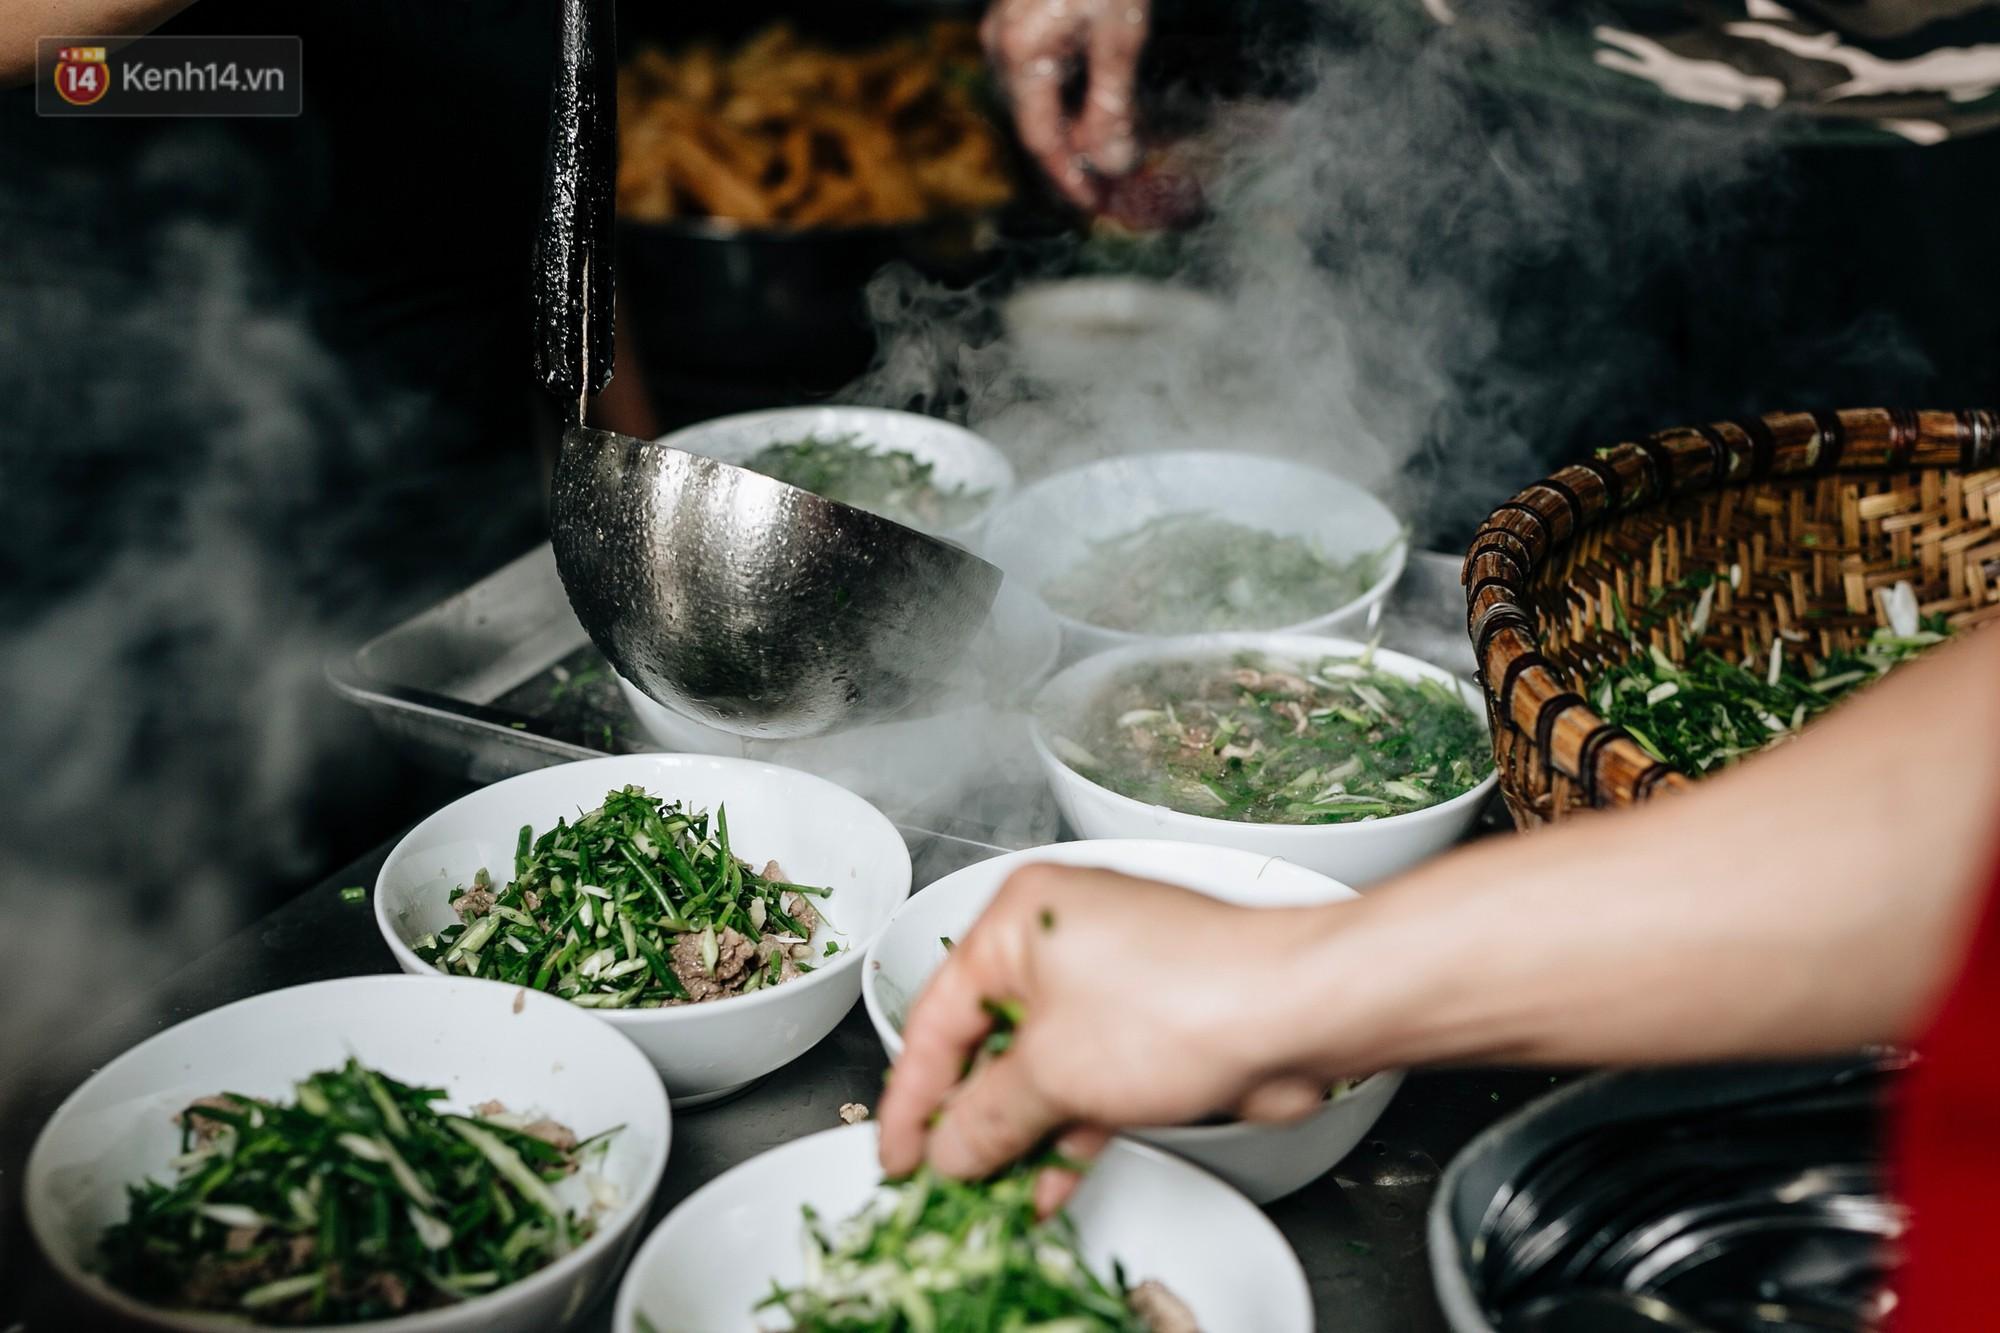 Thêm một lần vinh quang gọi tên Phở Việt, lọt hẳn top món ăn đựng trong bát ngon nhất thế giới-1